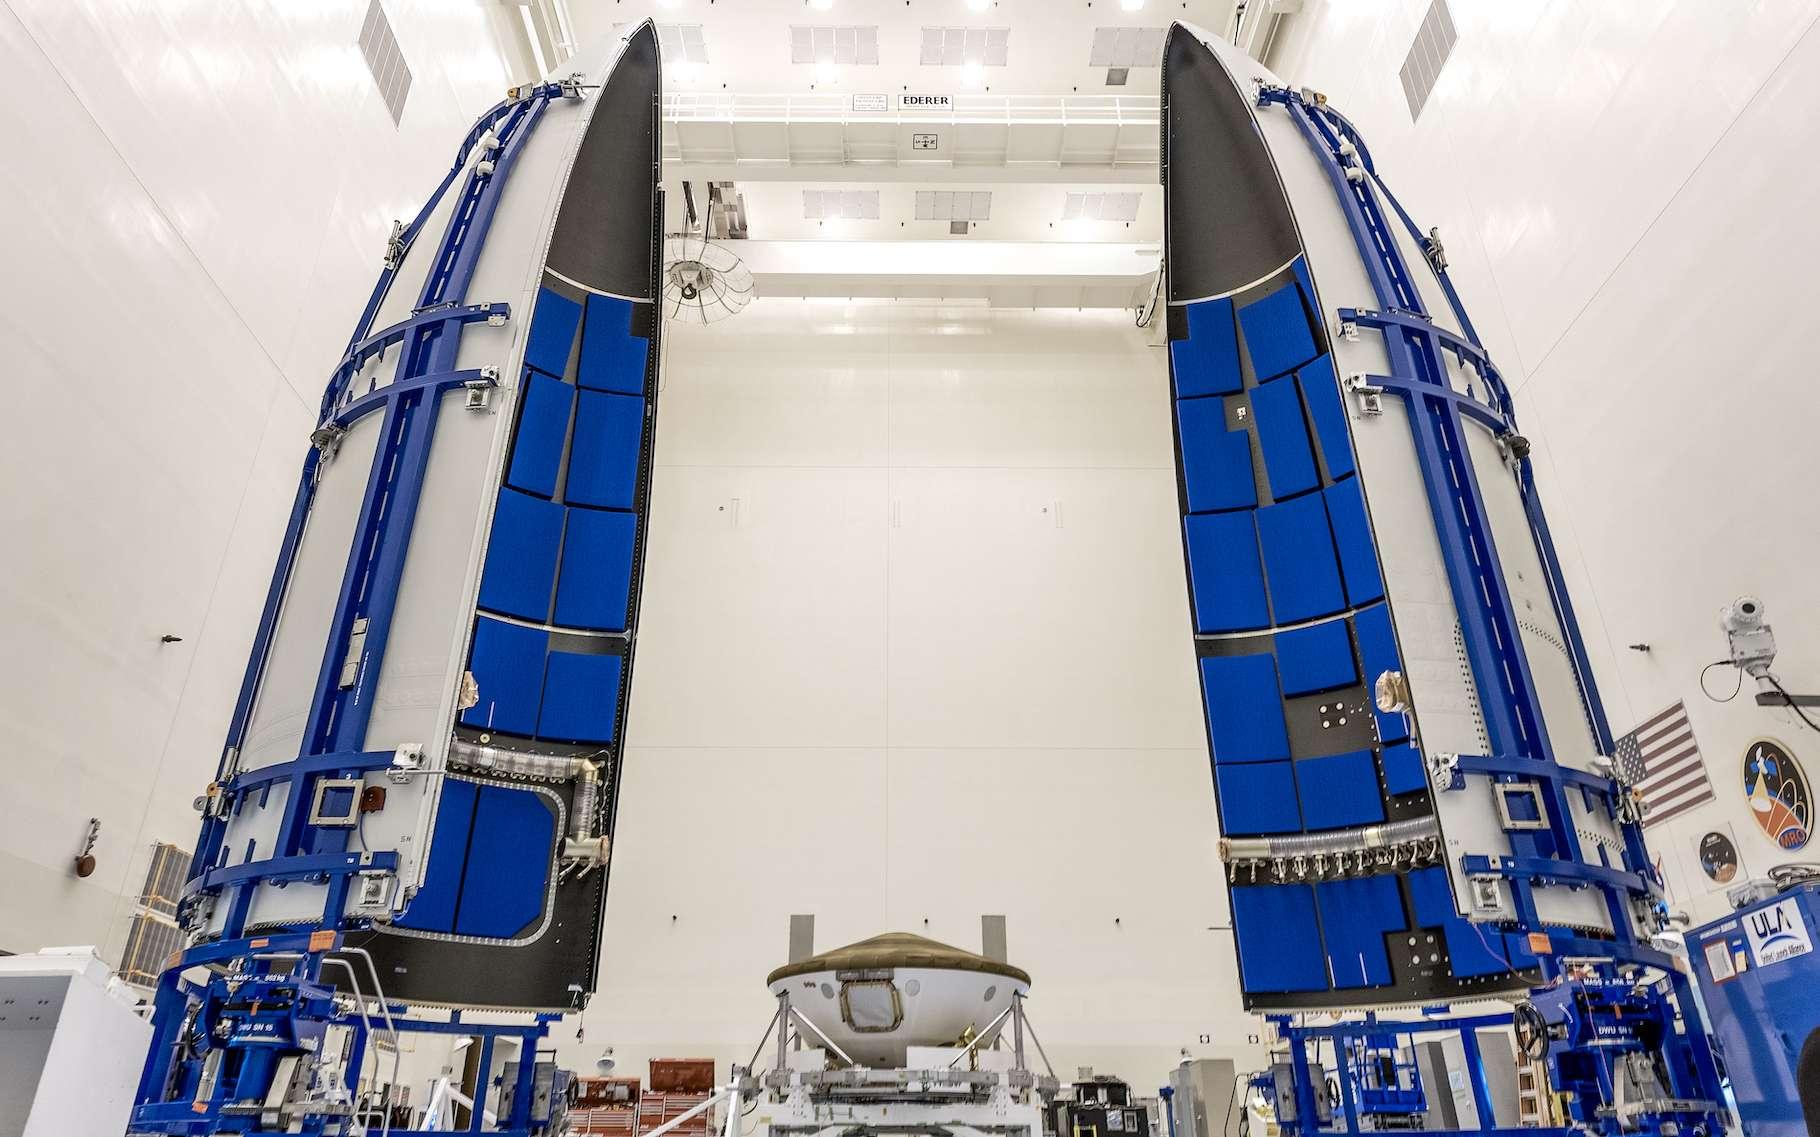 Une date de lancement a enfin été annoncée pour la mission 2020 de la Nasa. © Nasa